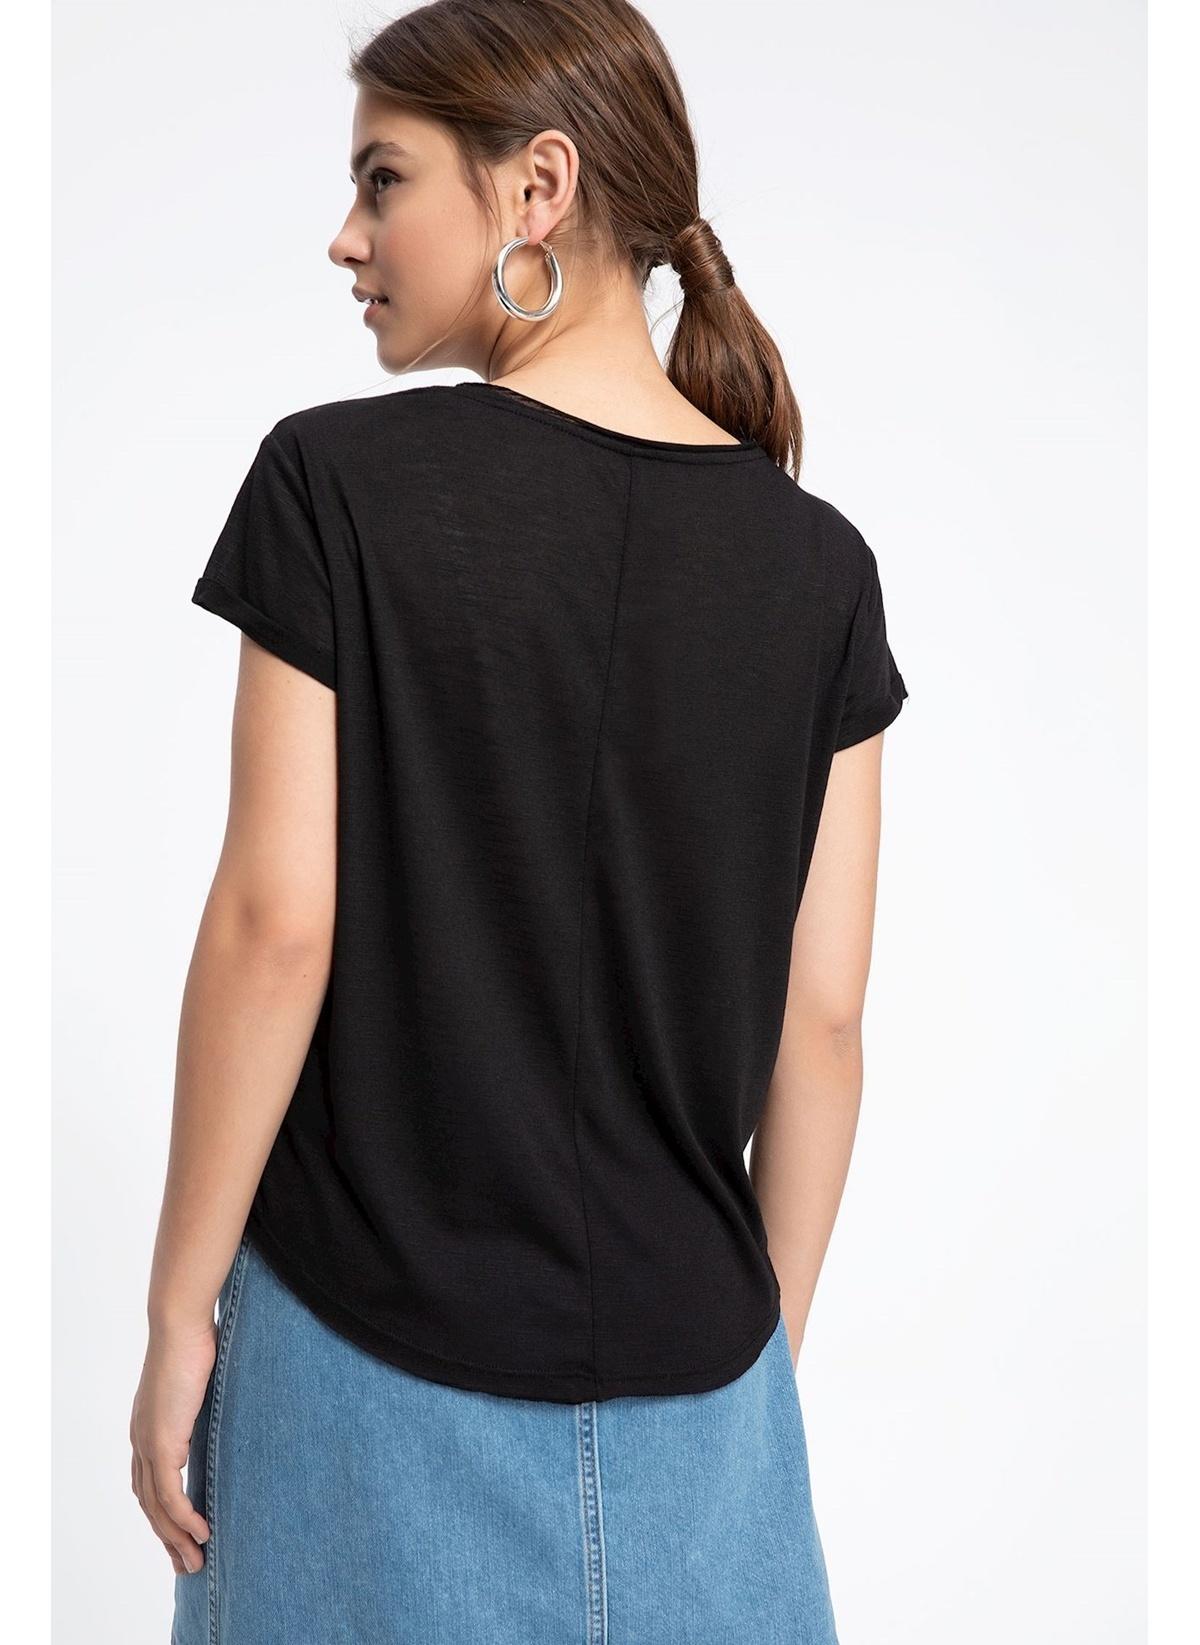 dcaa1caa28463 DeFacto Kadın Uzay Figürlü Tek Cepli Kısa Kollu T-shirt Siyah ...